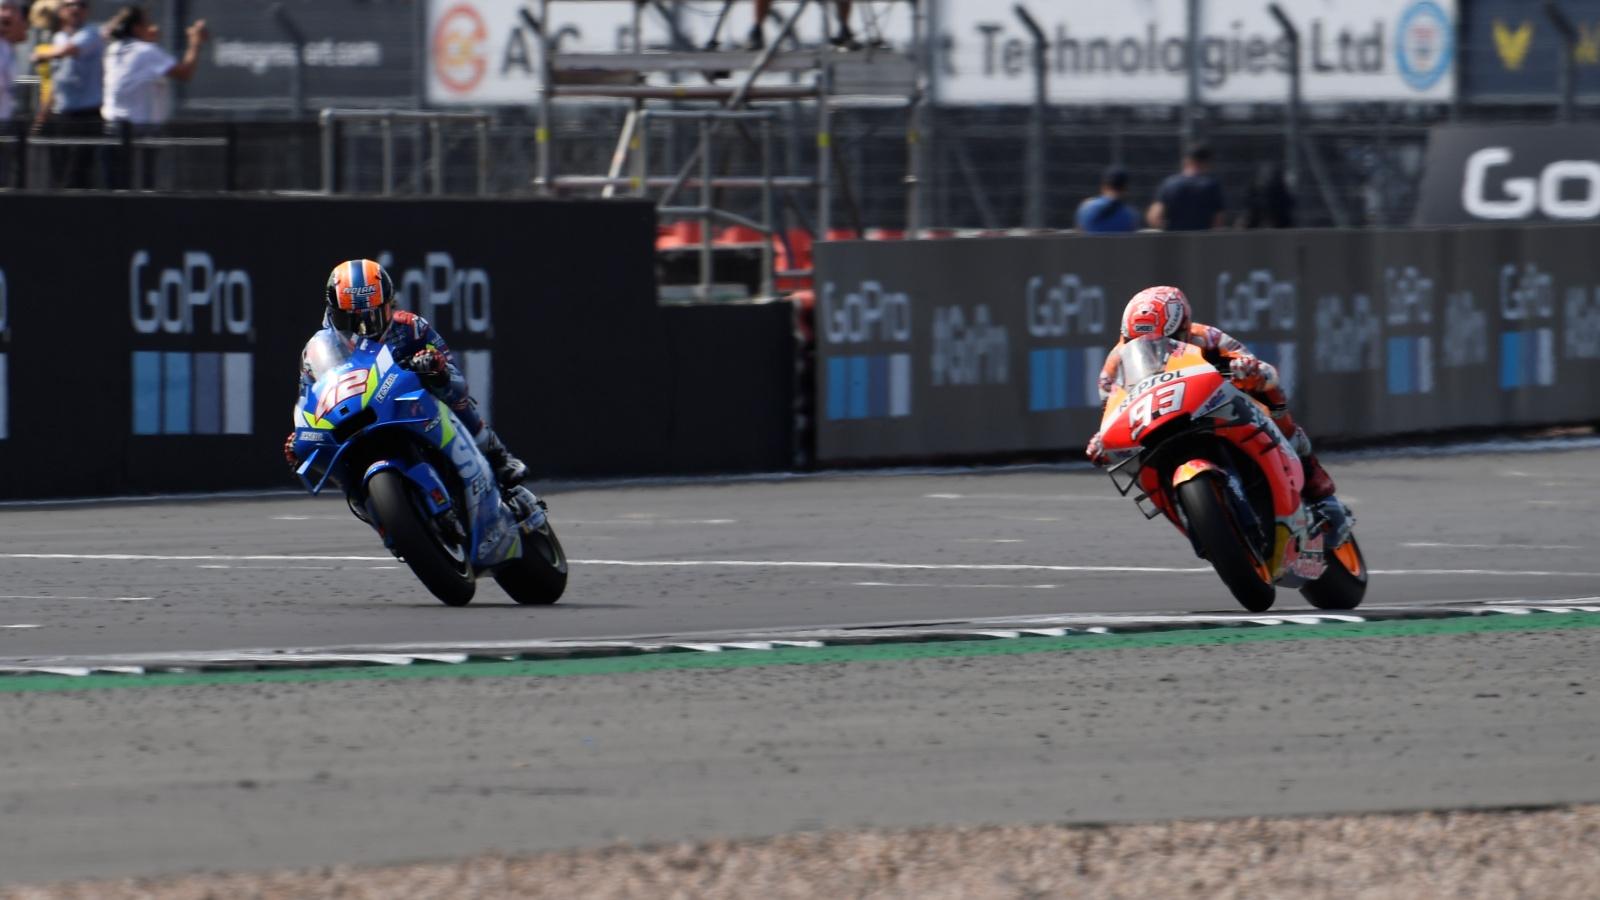 Píldoras MotoGP Silverstone 2019: No es tarde, golpe de sigilo y el bate-leyendas